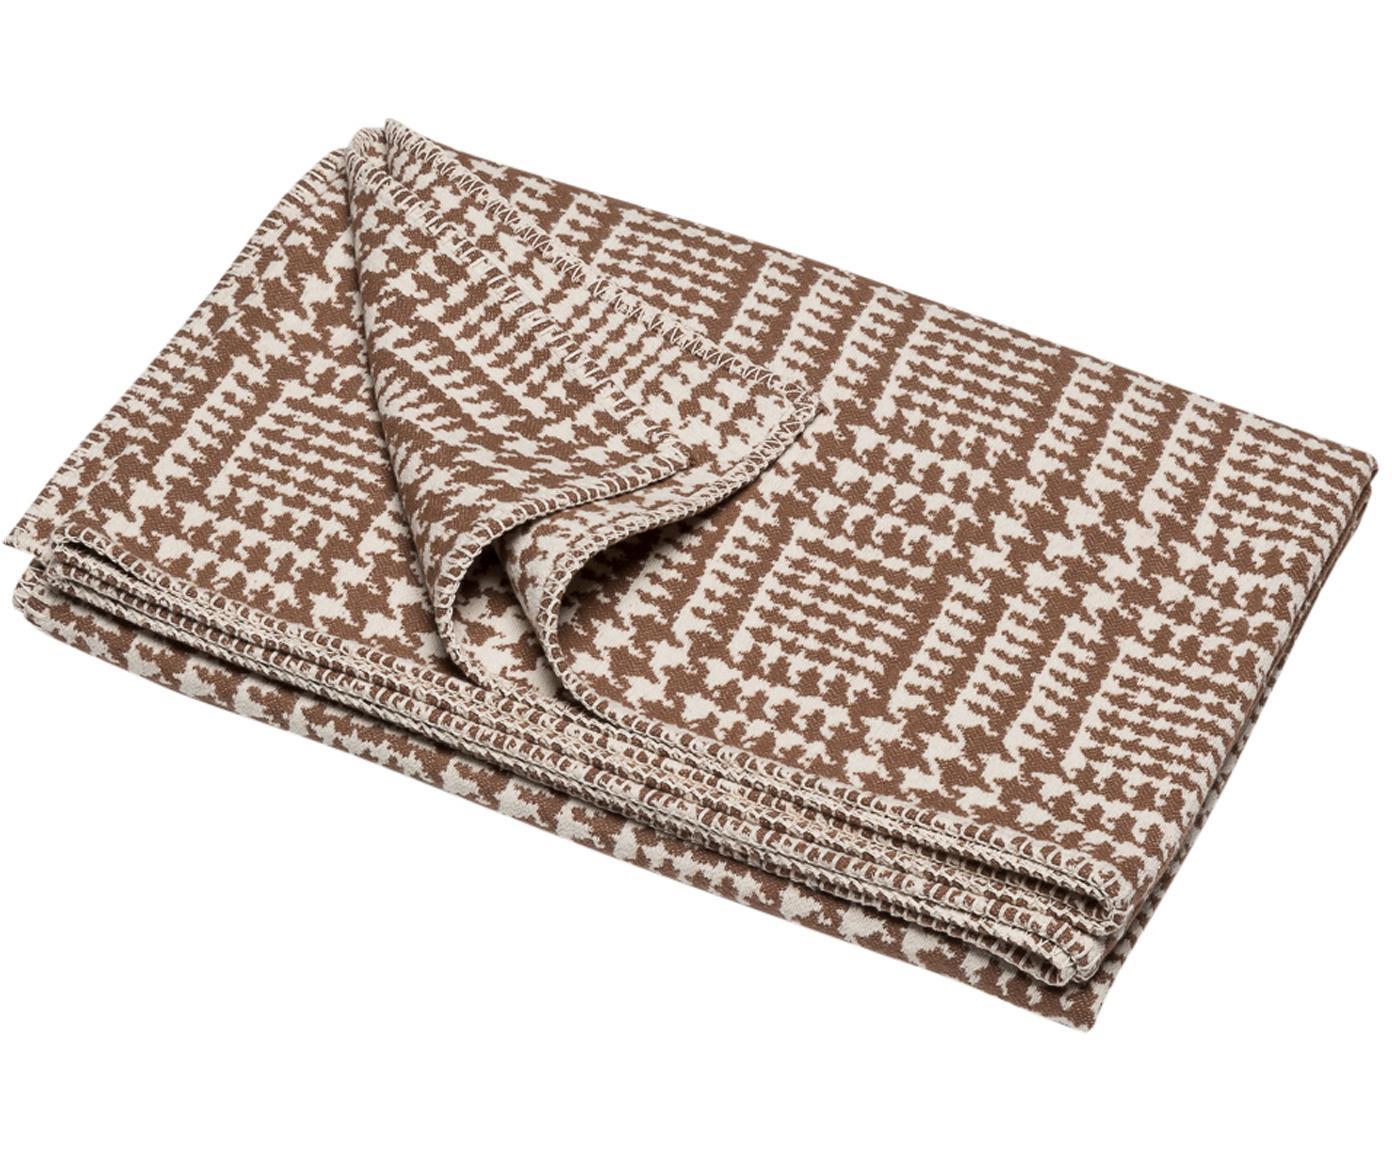 Plaid Glencheck mit Hahnentritt Muster, Bezug: 85% Baumwolle, 8% Viskose, Braun, Weiss, 145 x 220 cm